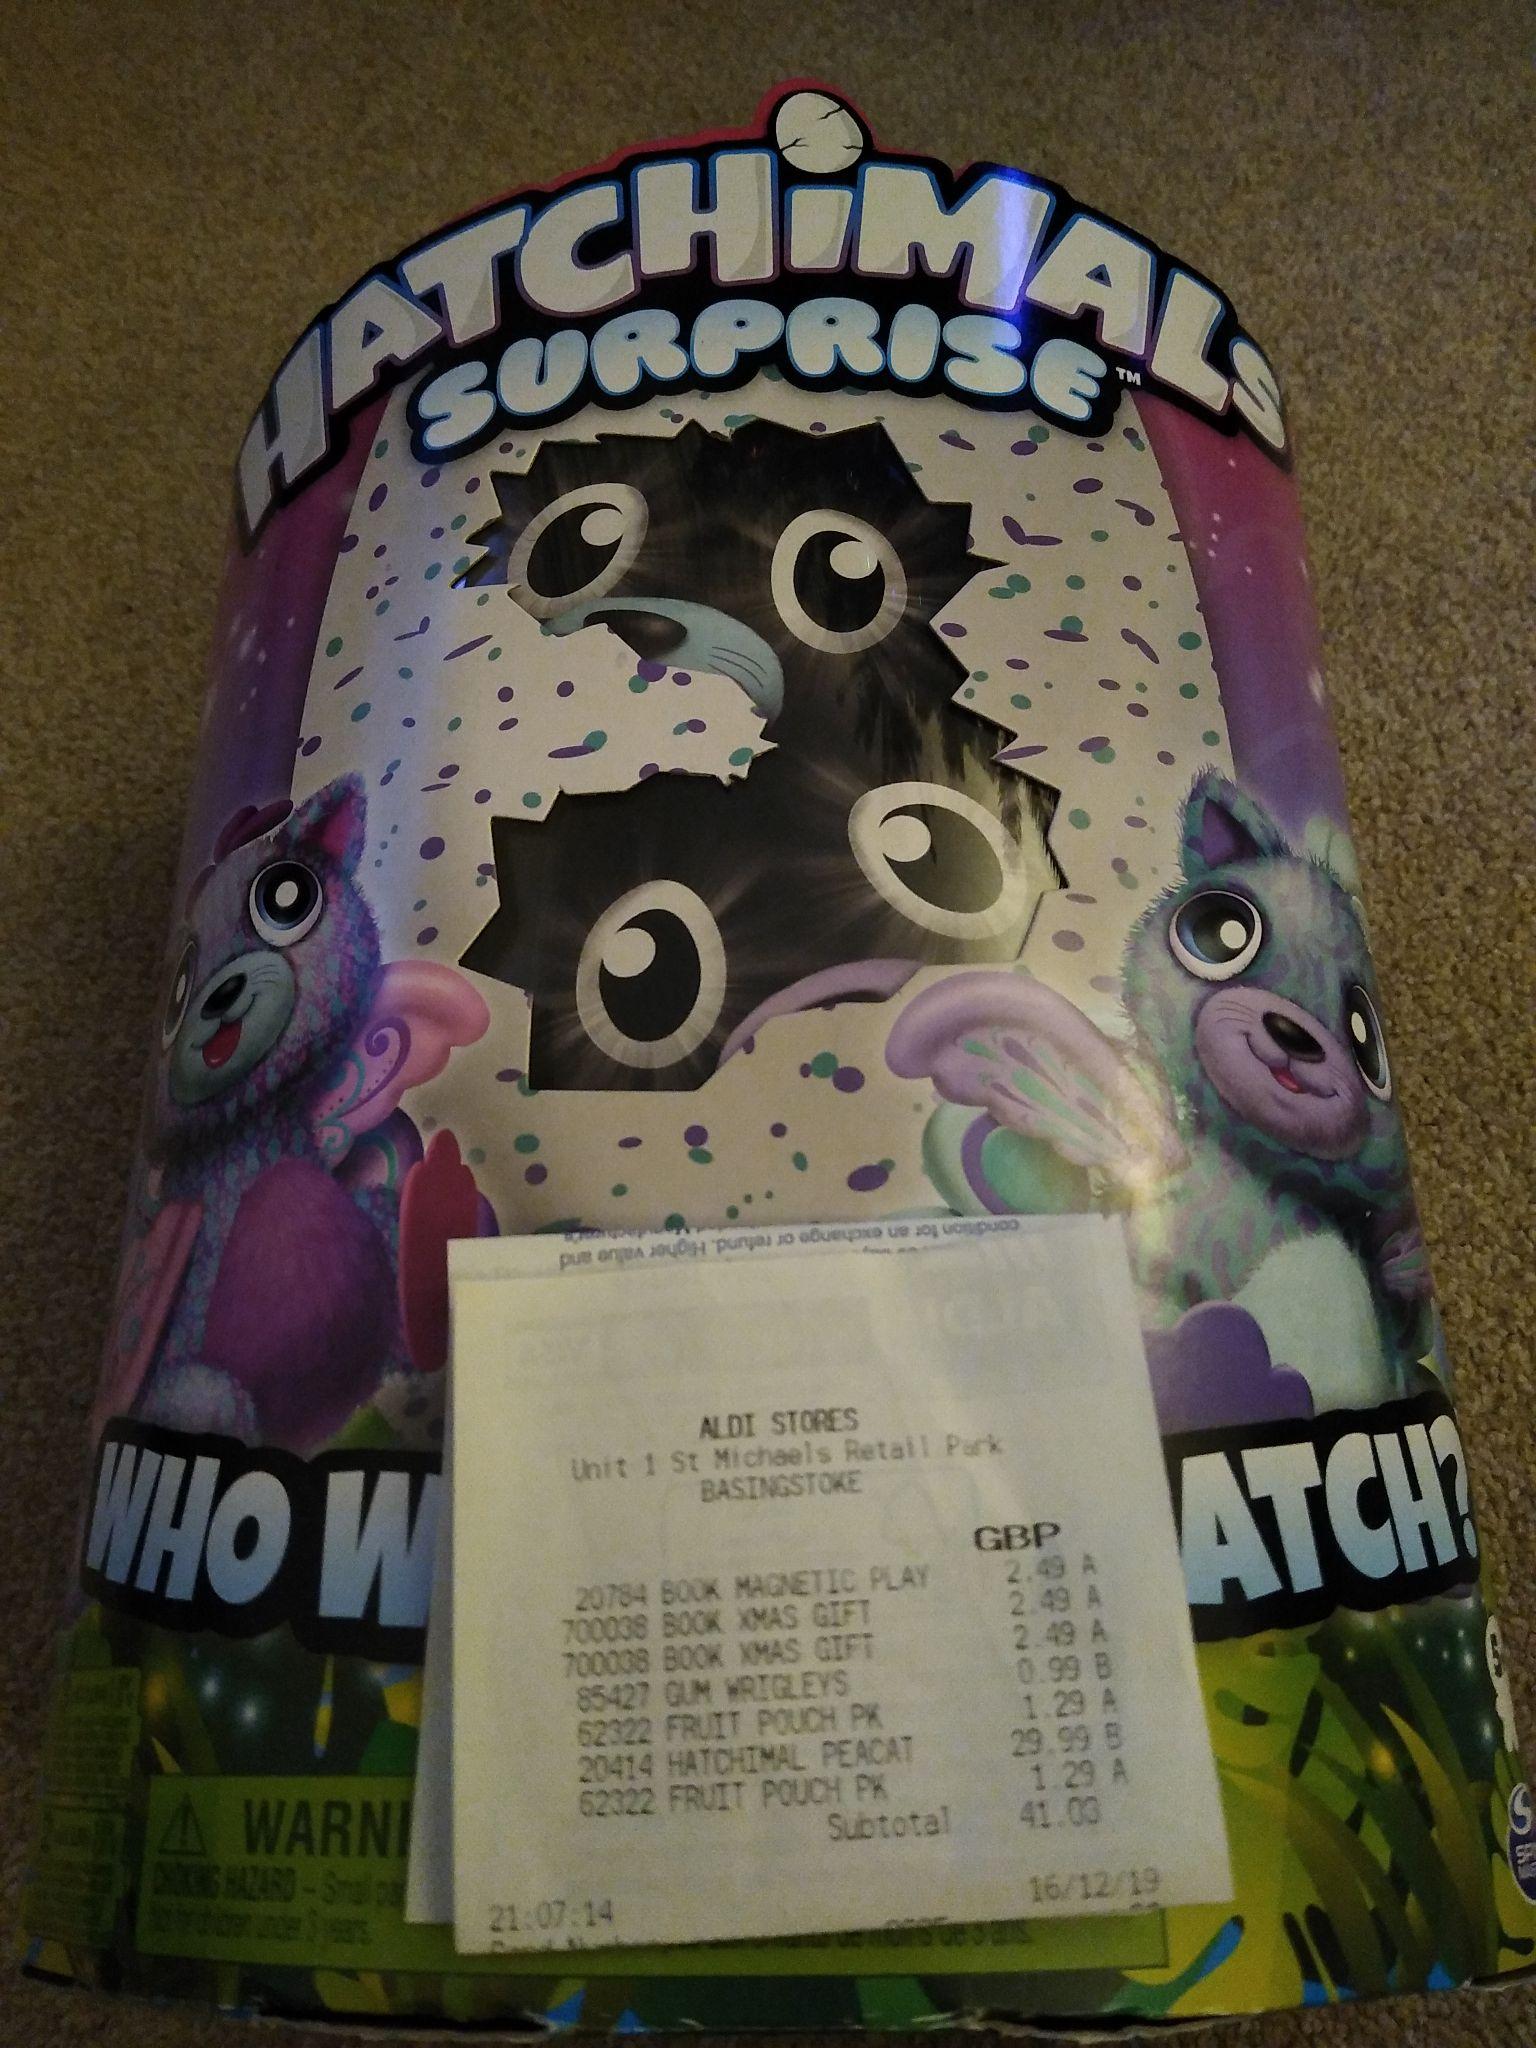 Hatchimals Surprise £29.99 @Aldi